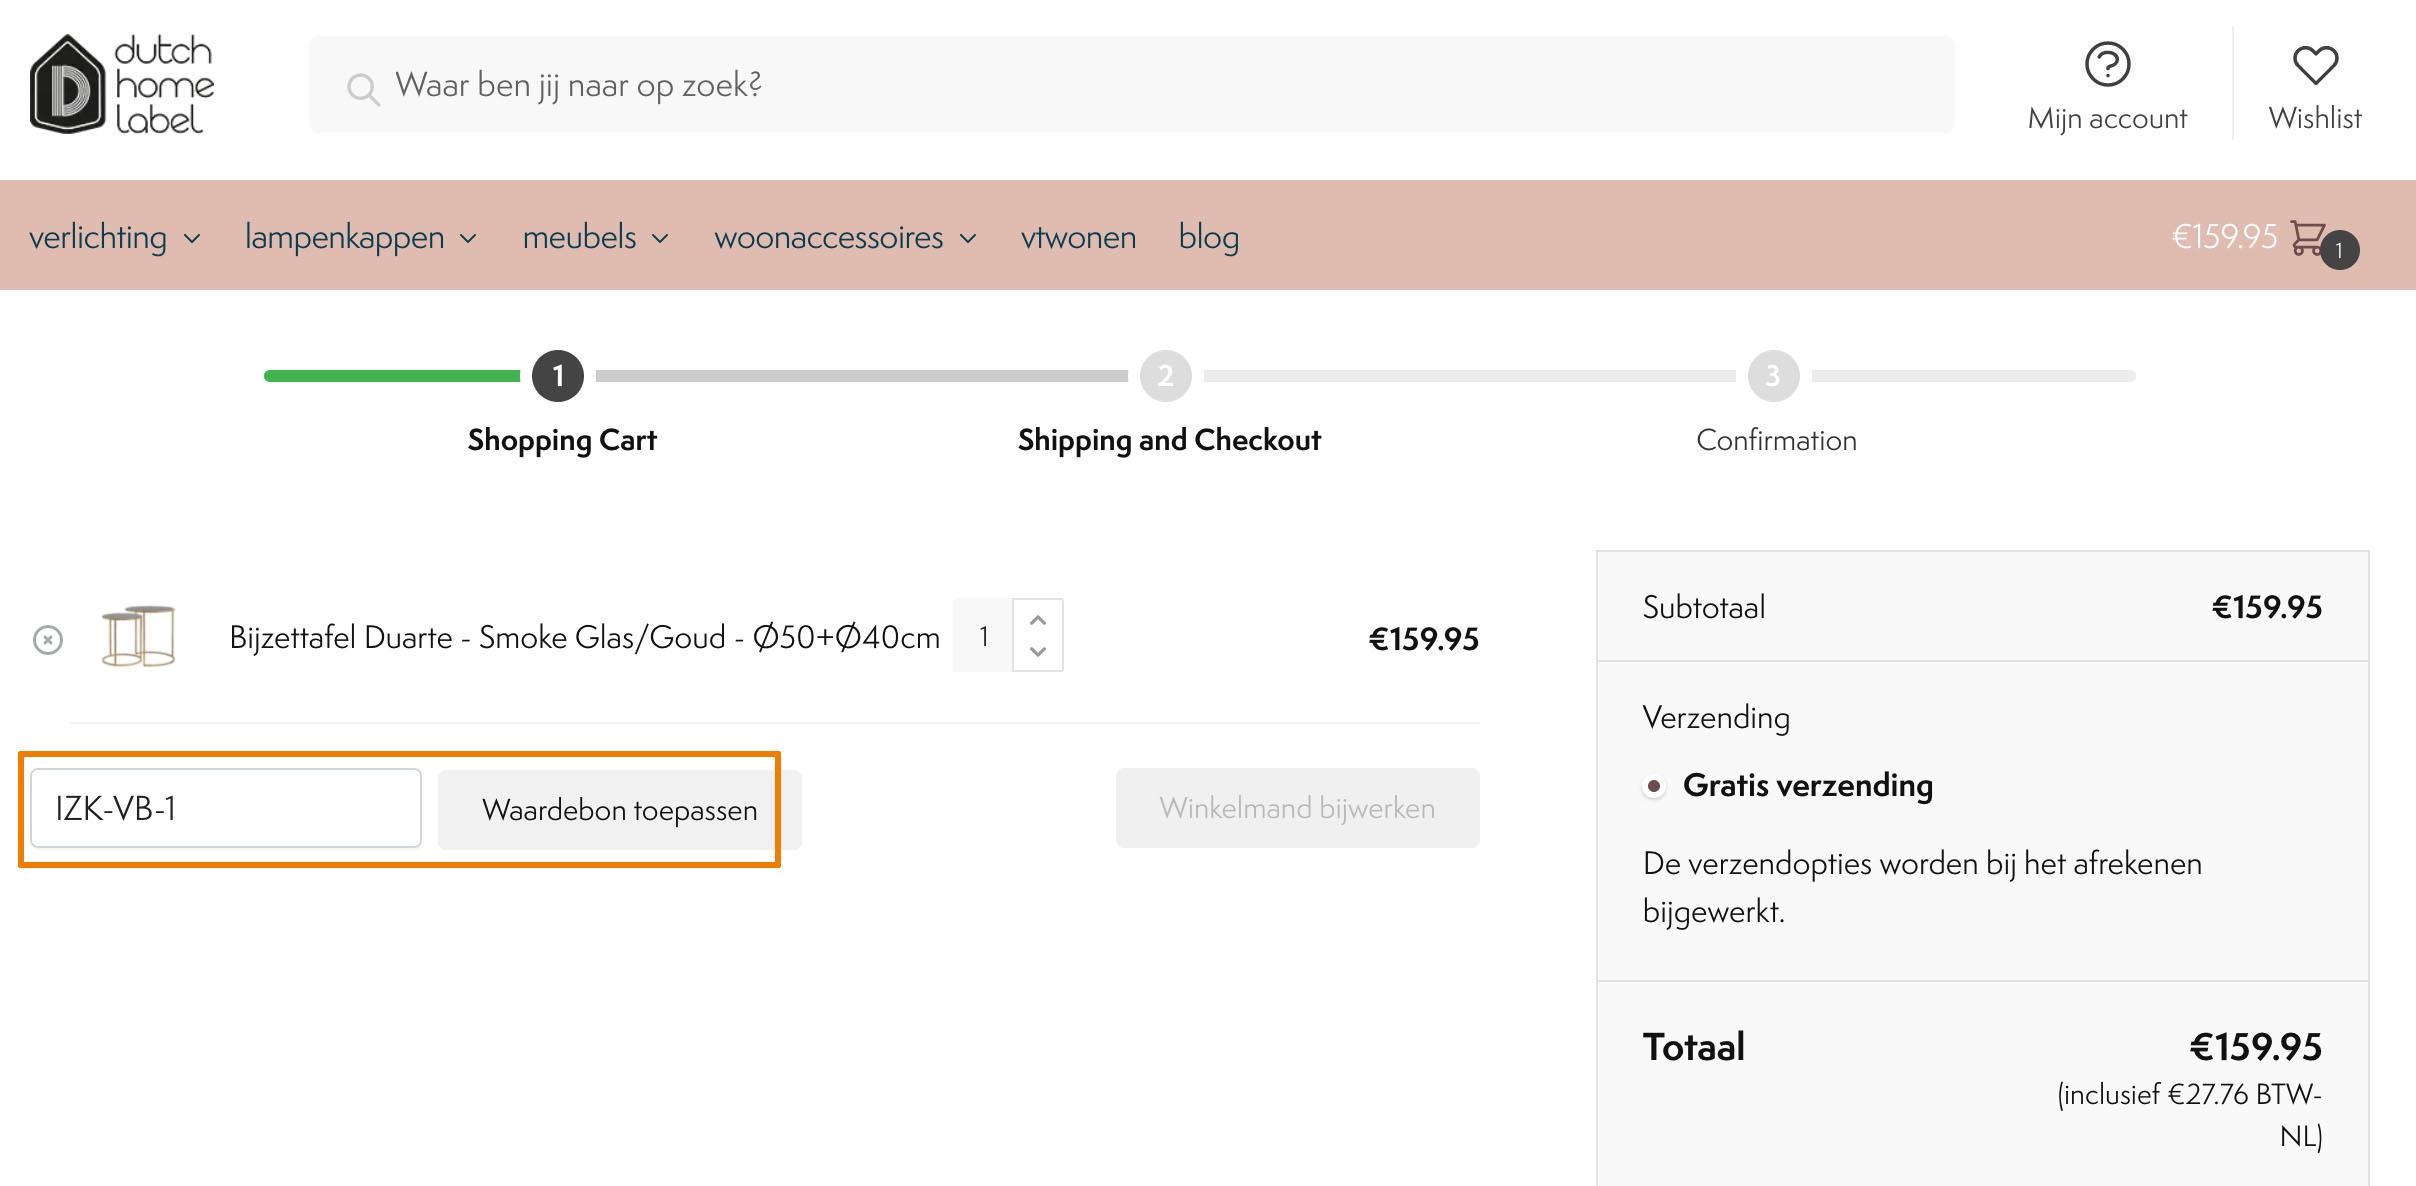 Hoe gebruik je een Dutch Home Label aanbieding